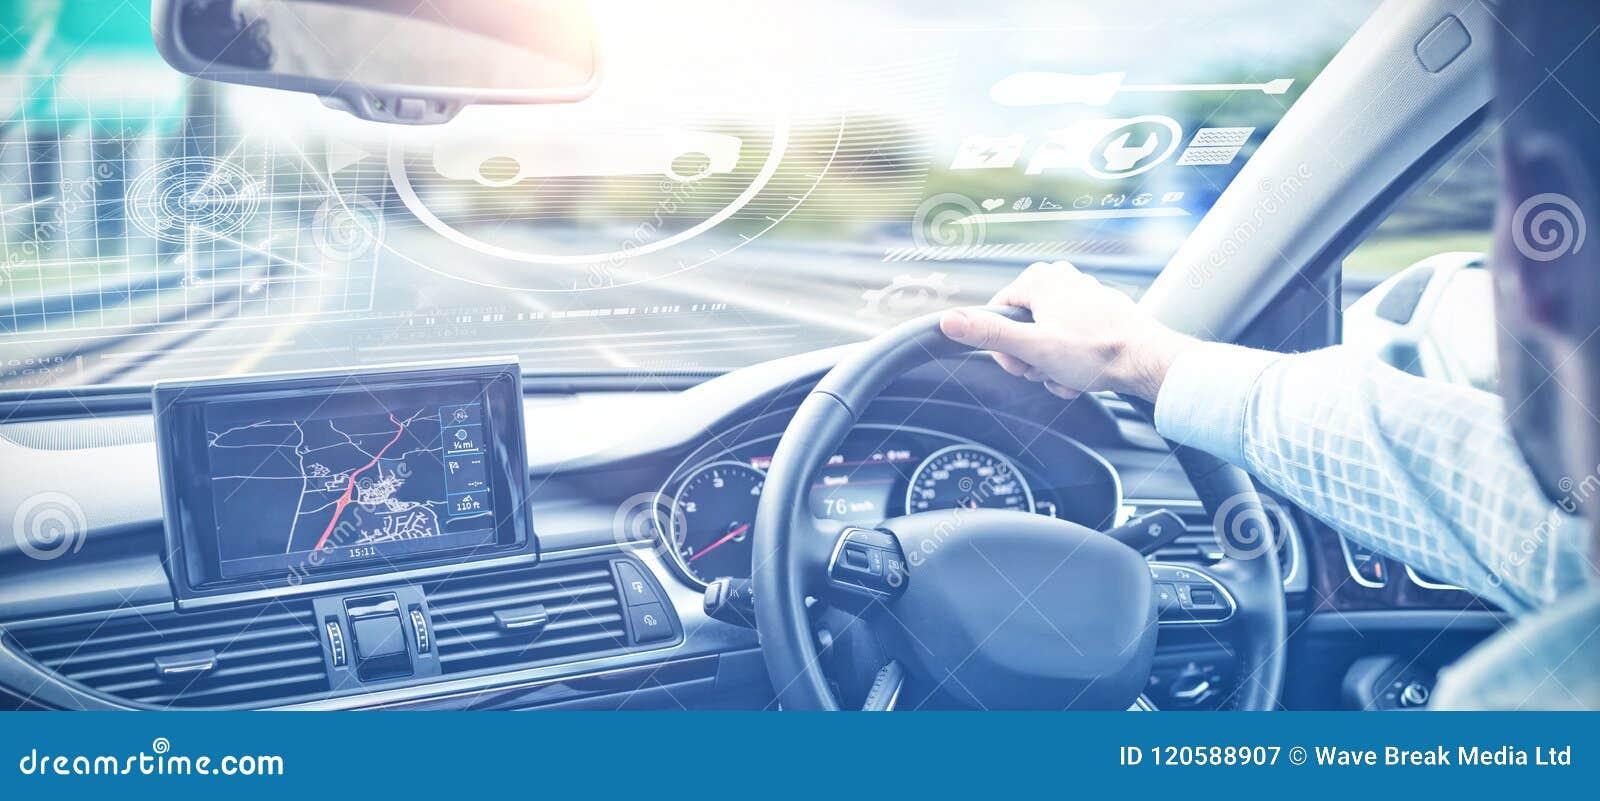 Составное изображение цифрового изображения автомобилей и инструментов